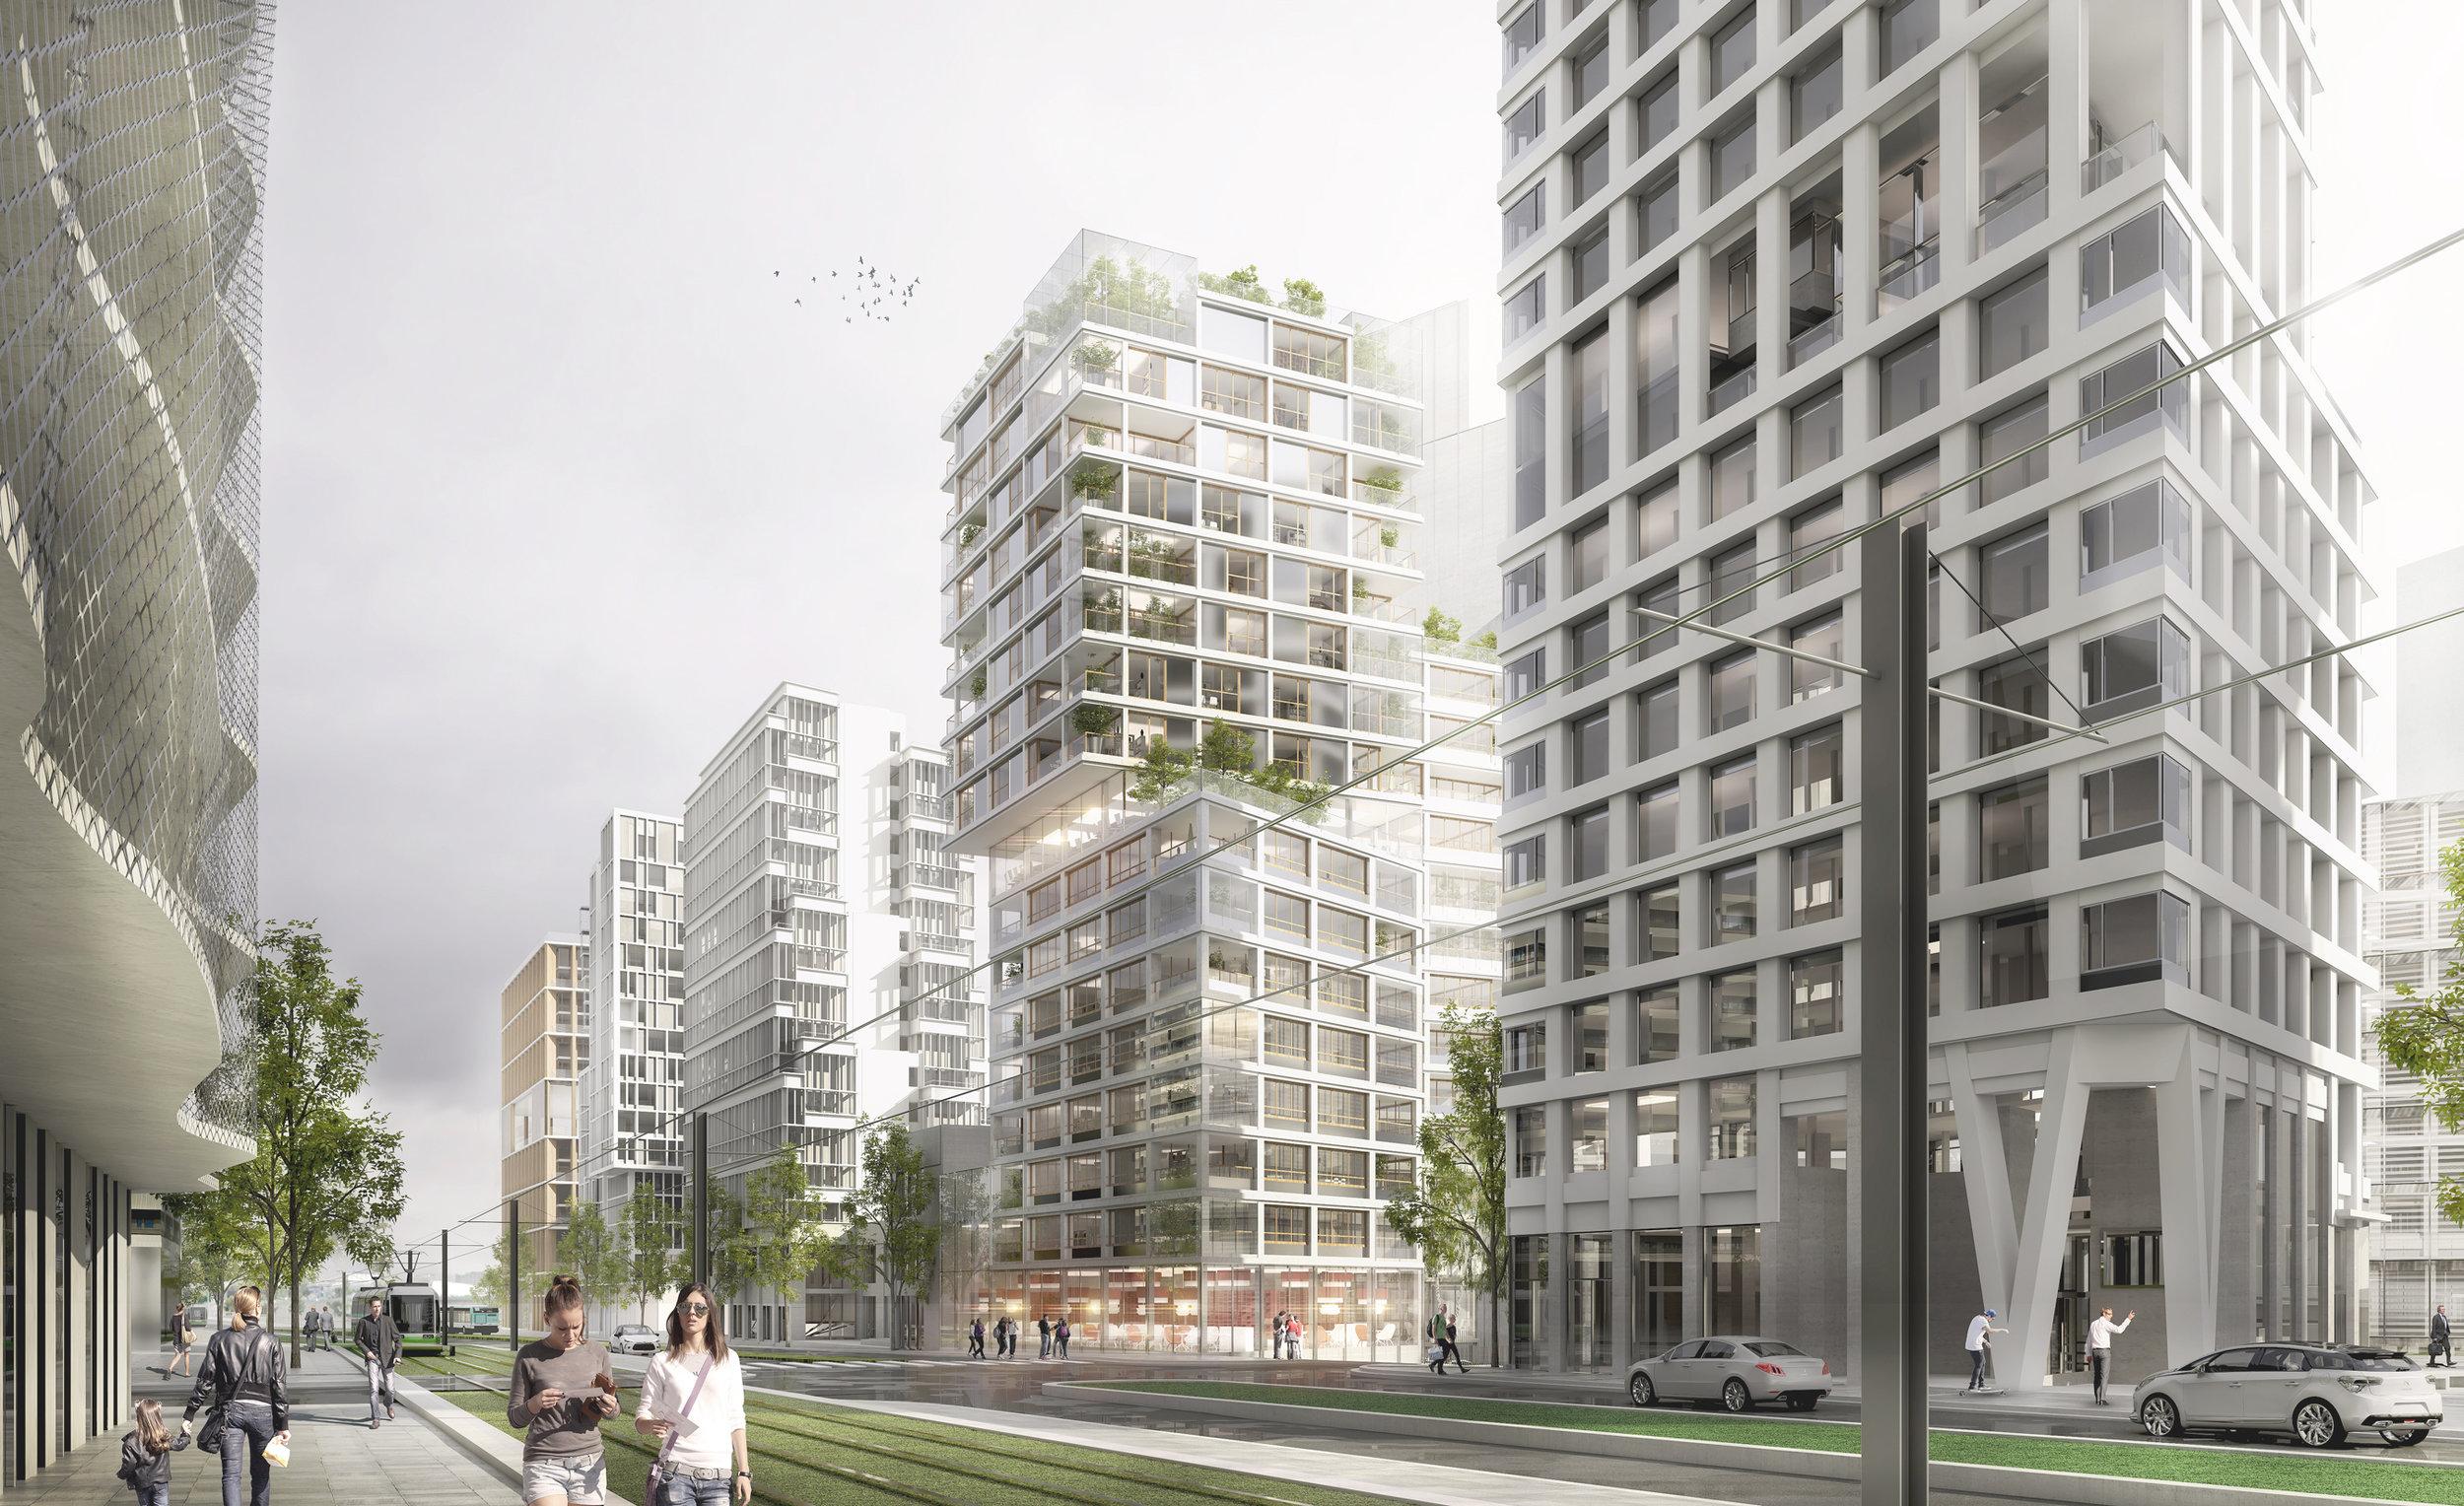 Ilot B1B2Zac BruneseauParis 13e - programme: Construction d'une tour résidentielle de 50m (6733 m² SDP)maîtrise d'ouvrage: Réalités promotionmaîtrise d'oeuvre: Palast + a/LTA architectes, EVP (structure), 1024 (lumière), INEX (HQE), Rémi Algis (paysage)mission : concours restreintbudget : 13 millions d'euroslieu : ZAC BRUNESEAU_PARIS 13date : Mars 2018crédit perspectives : Splaan